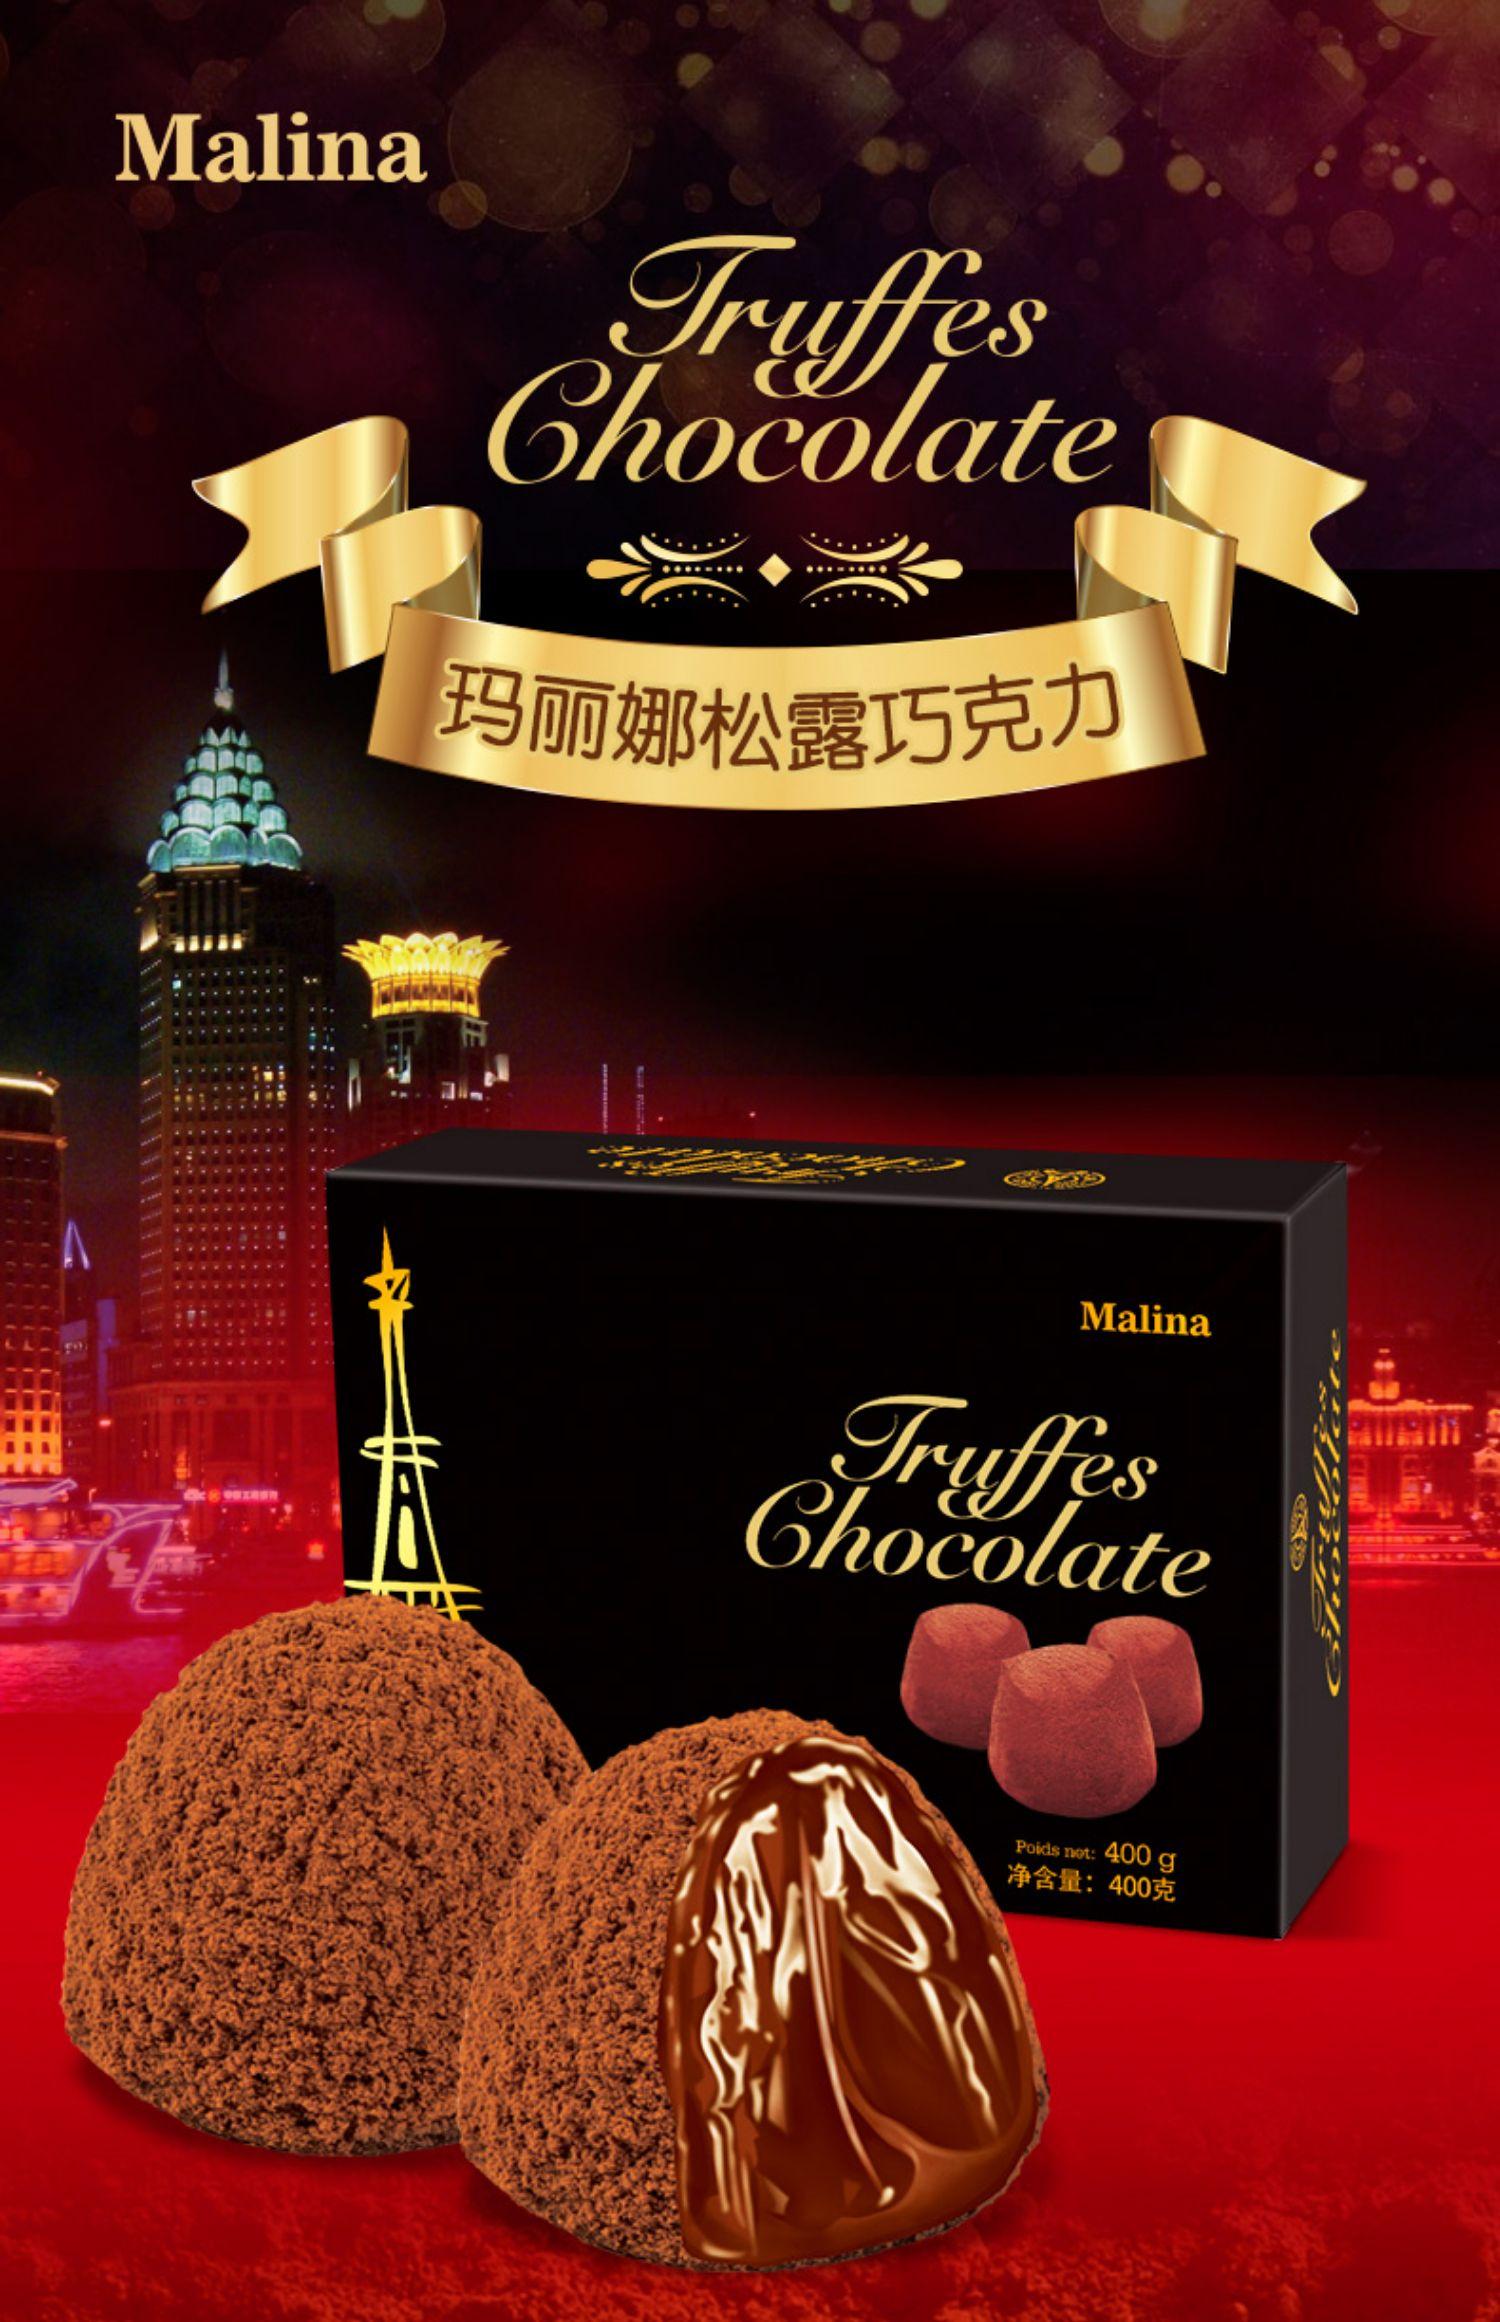 【玛丽娜】黑松露巧克力400g